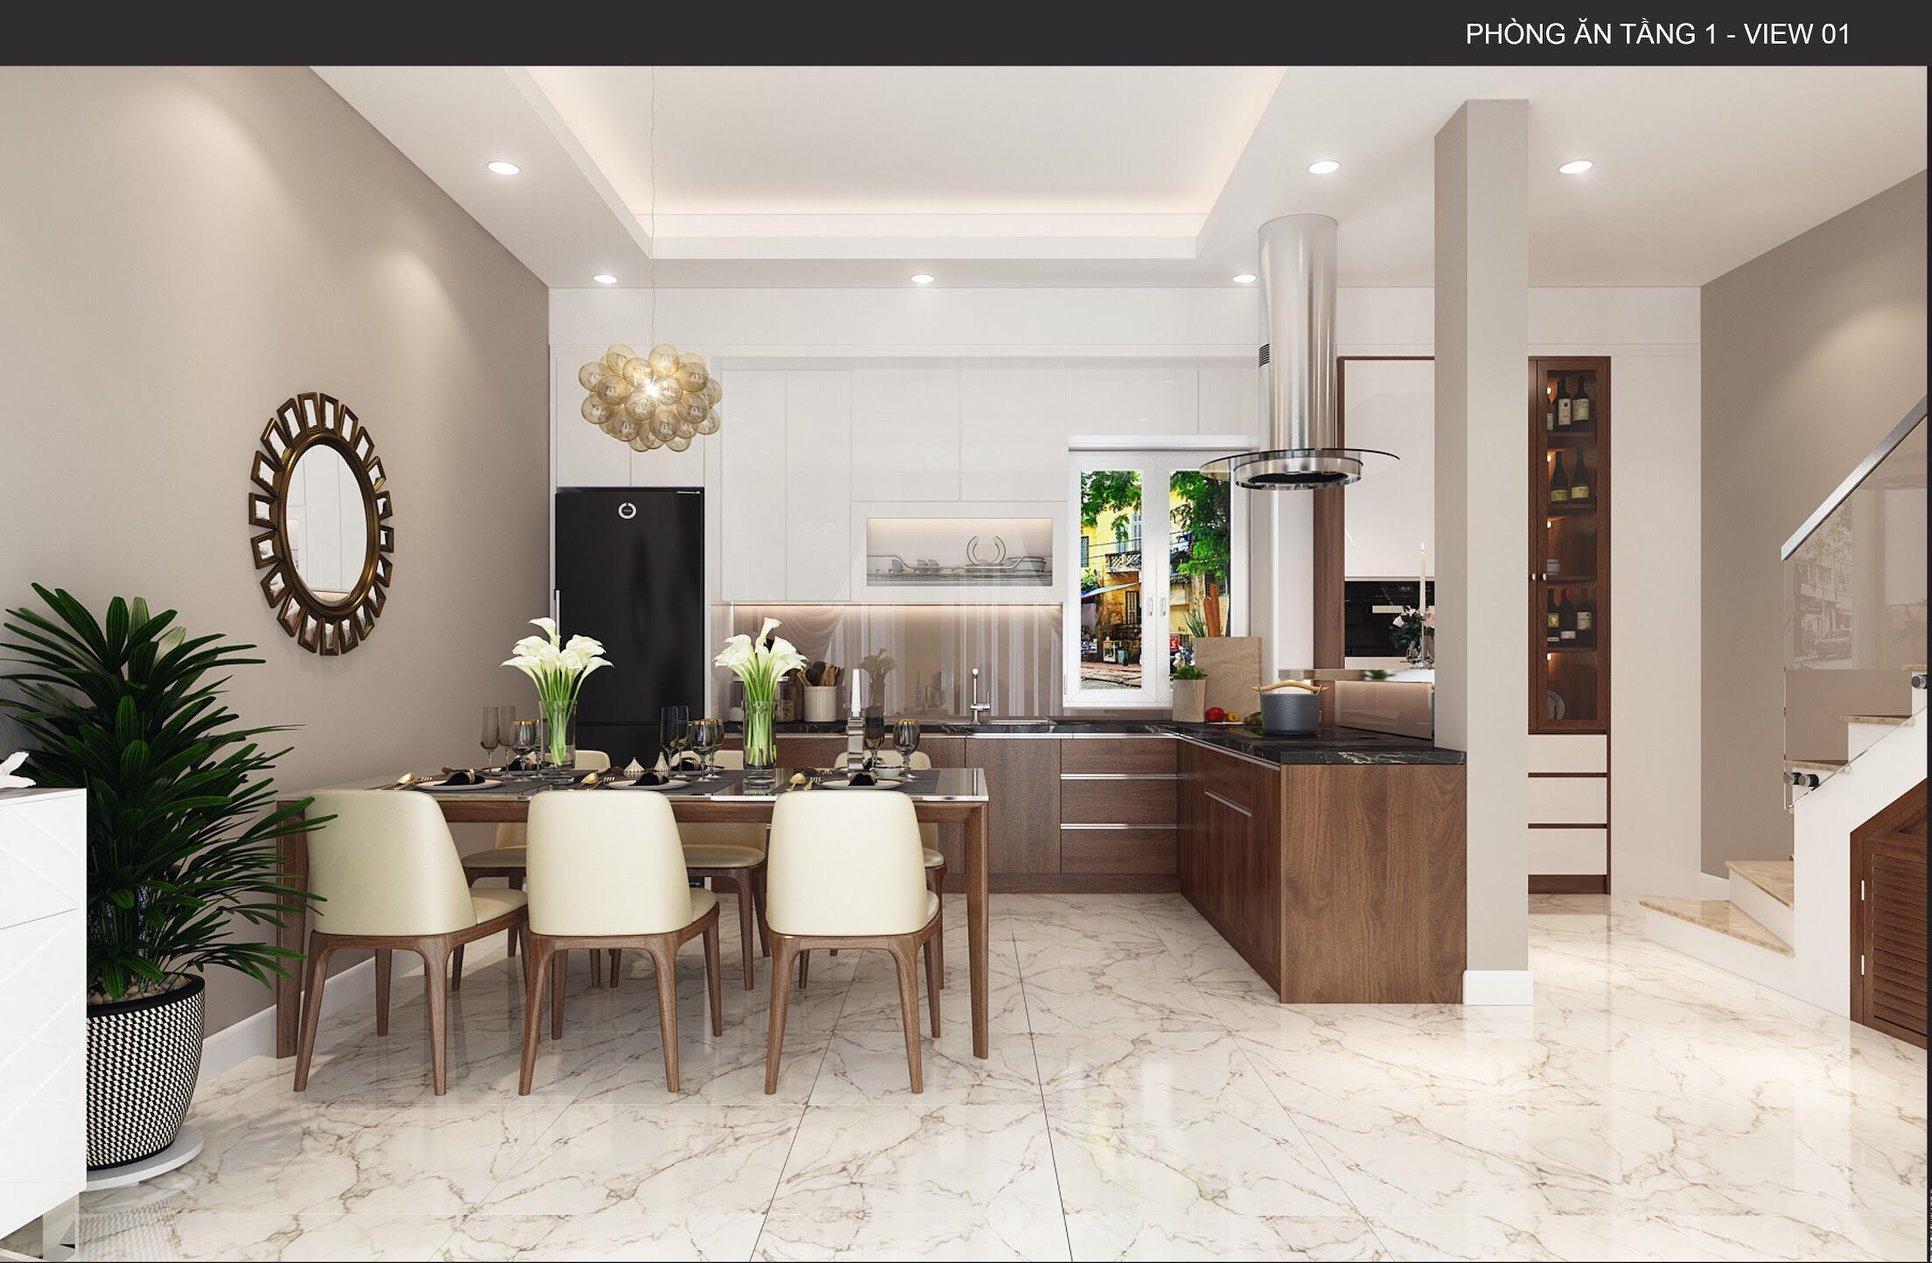 Thiết kế nội thất phòng bếp đẹp cho nhà ống, gia đình chị Thủy